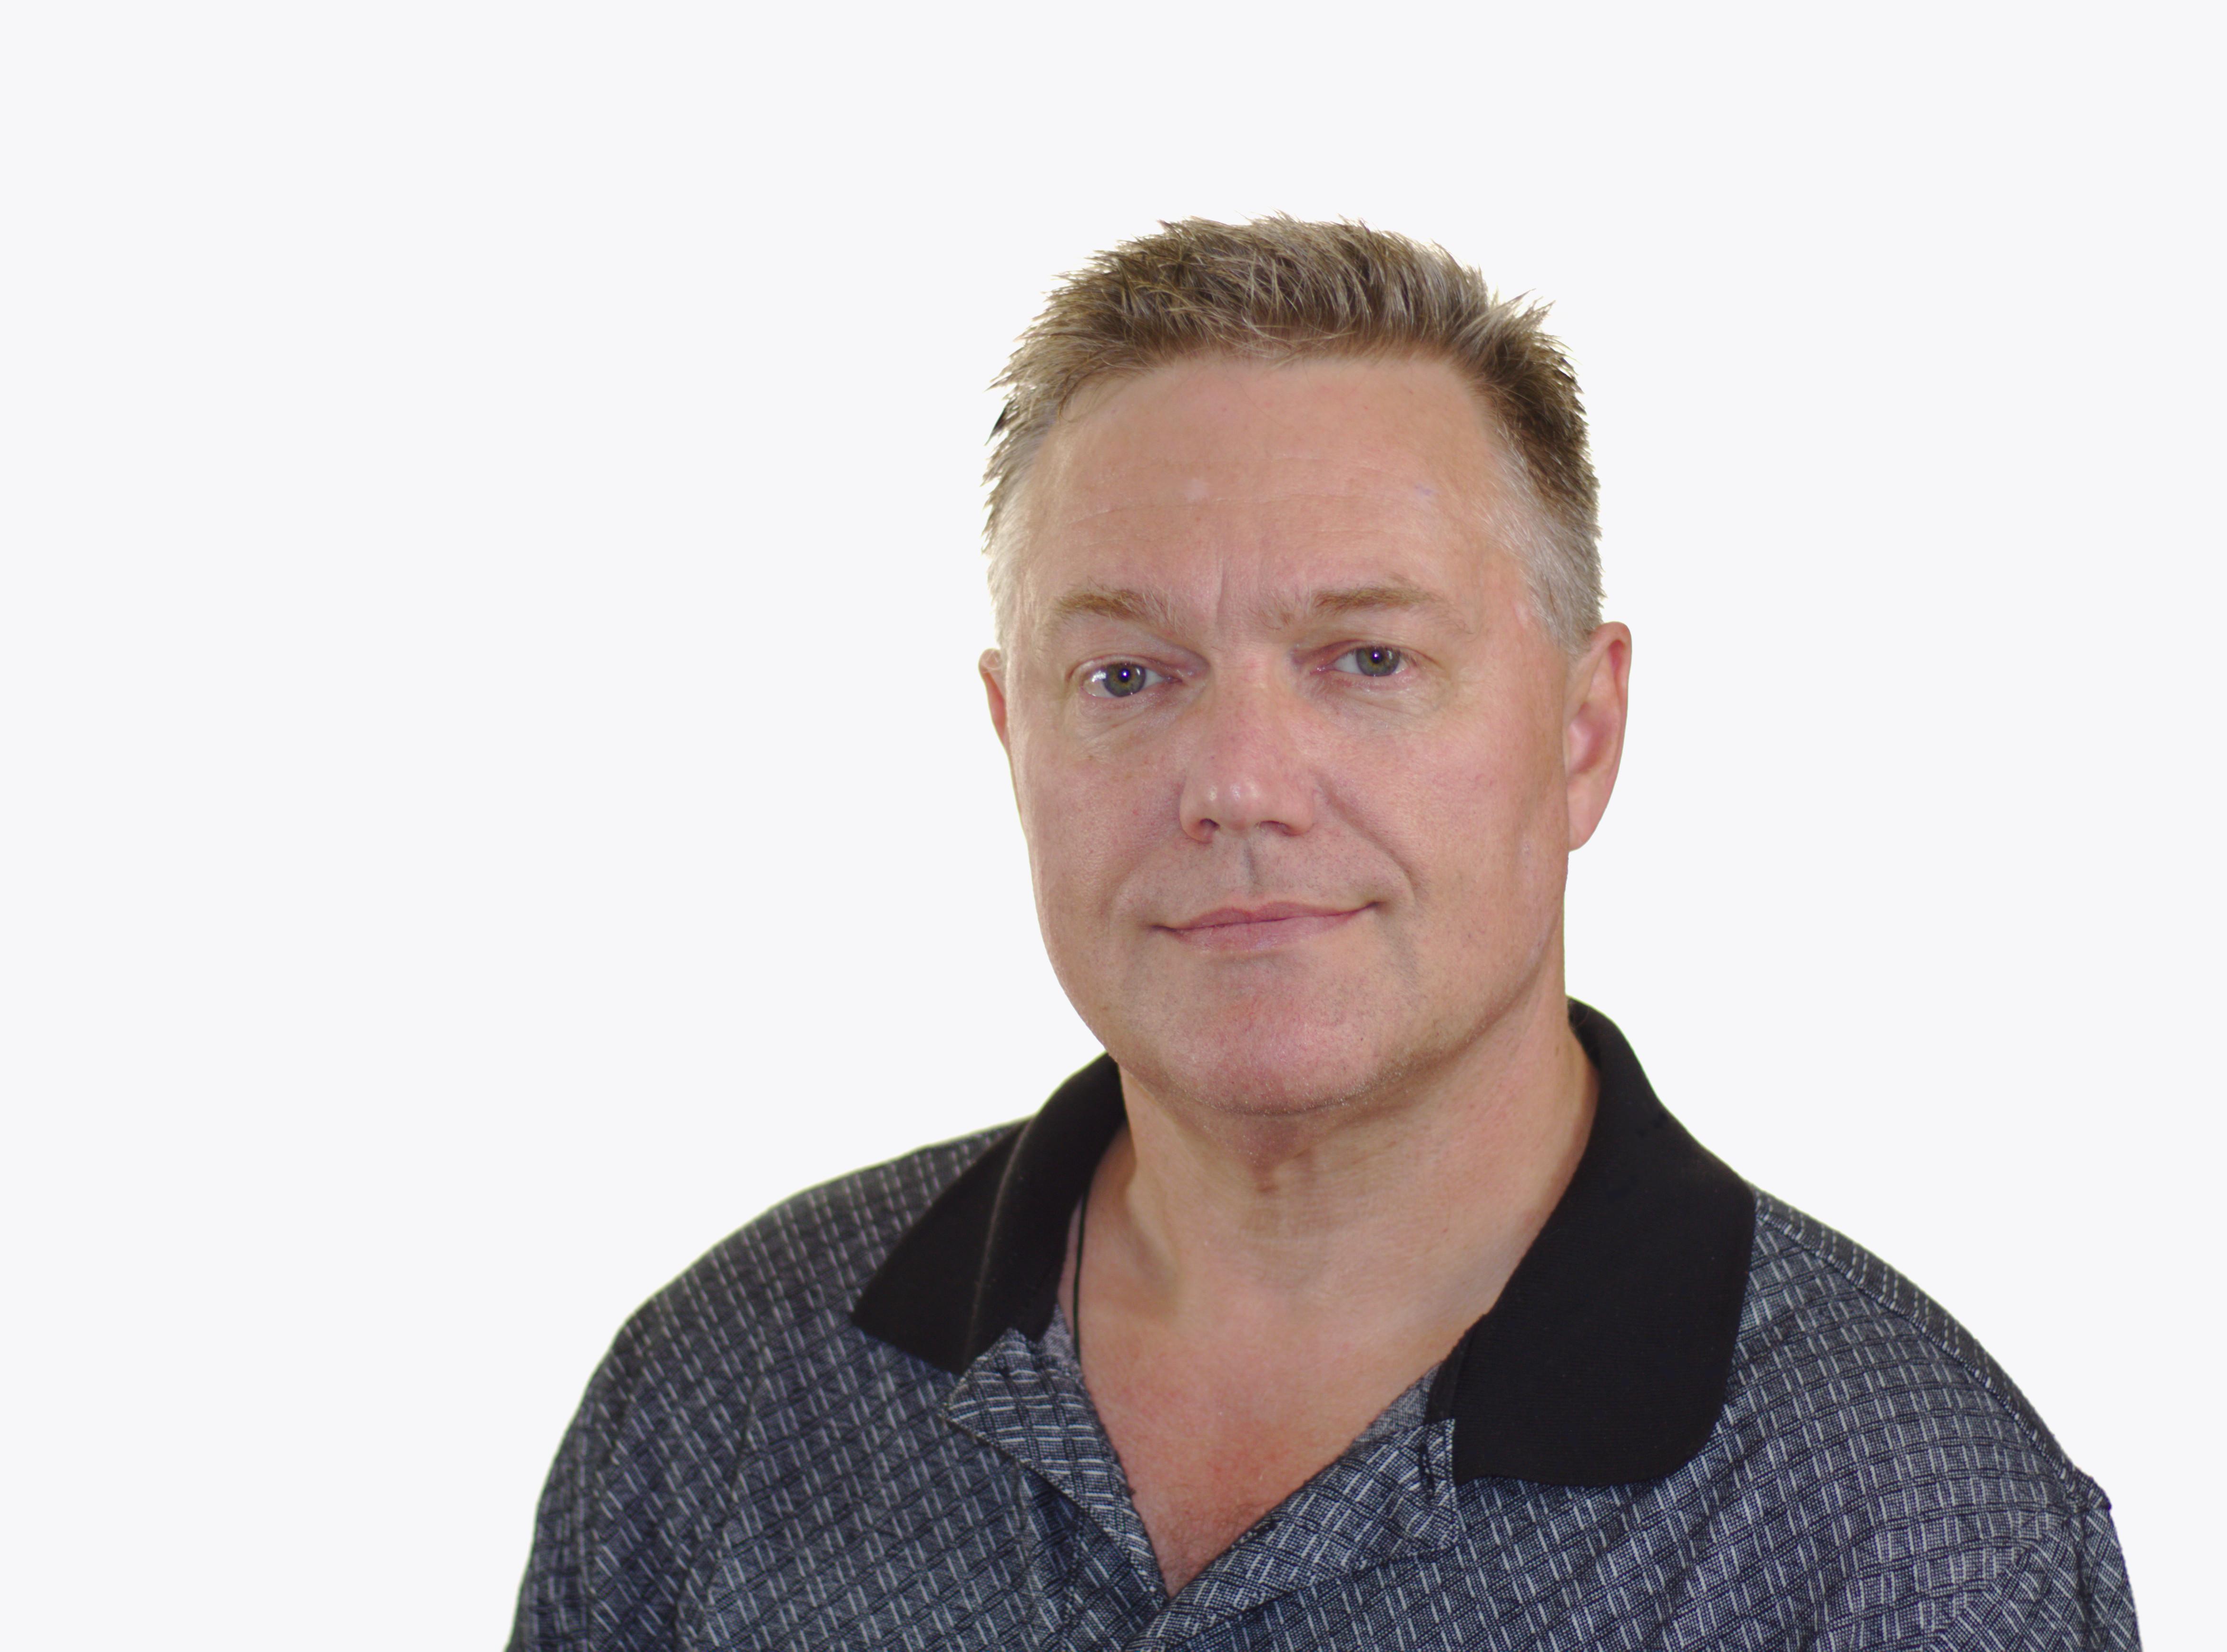 Steve McGough, DHS